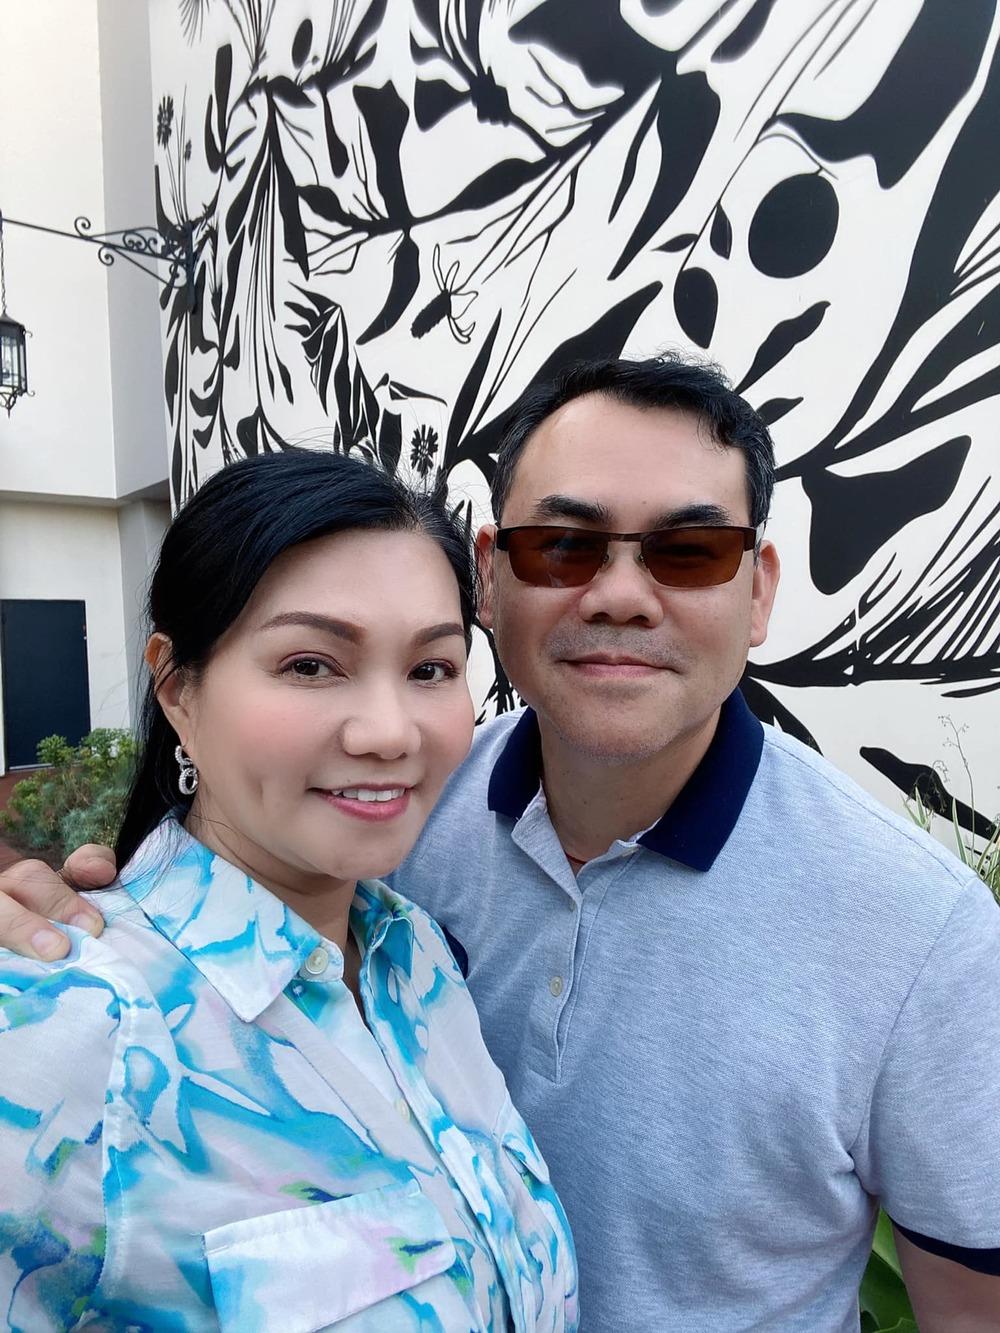 Tình cảm của hai vợ chồng Ngọc Huyền vẫn thắm thiết như thời mới cưới. (Ảnh: FBNV)